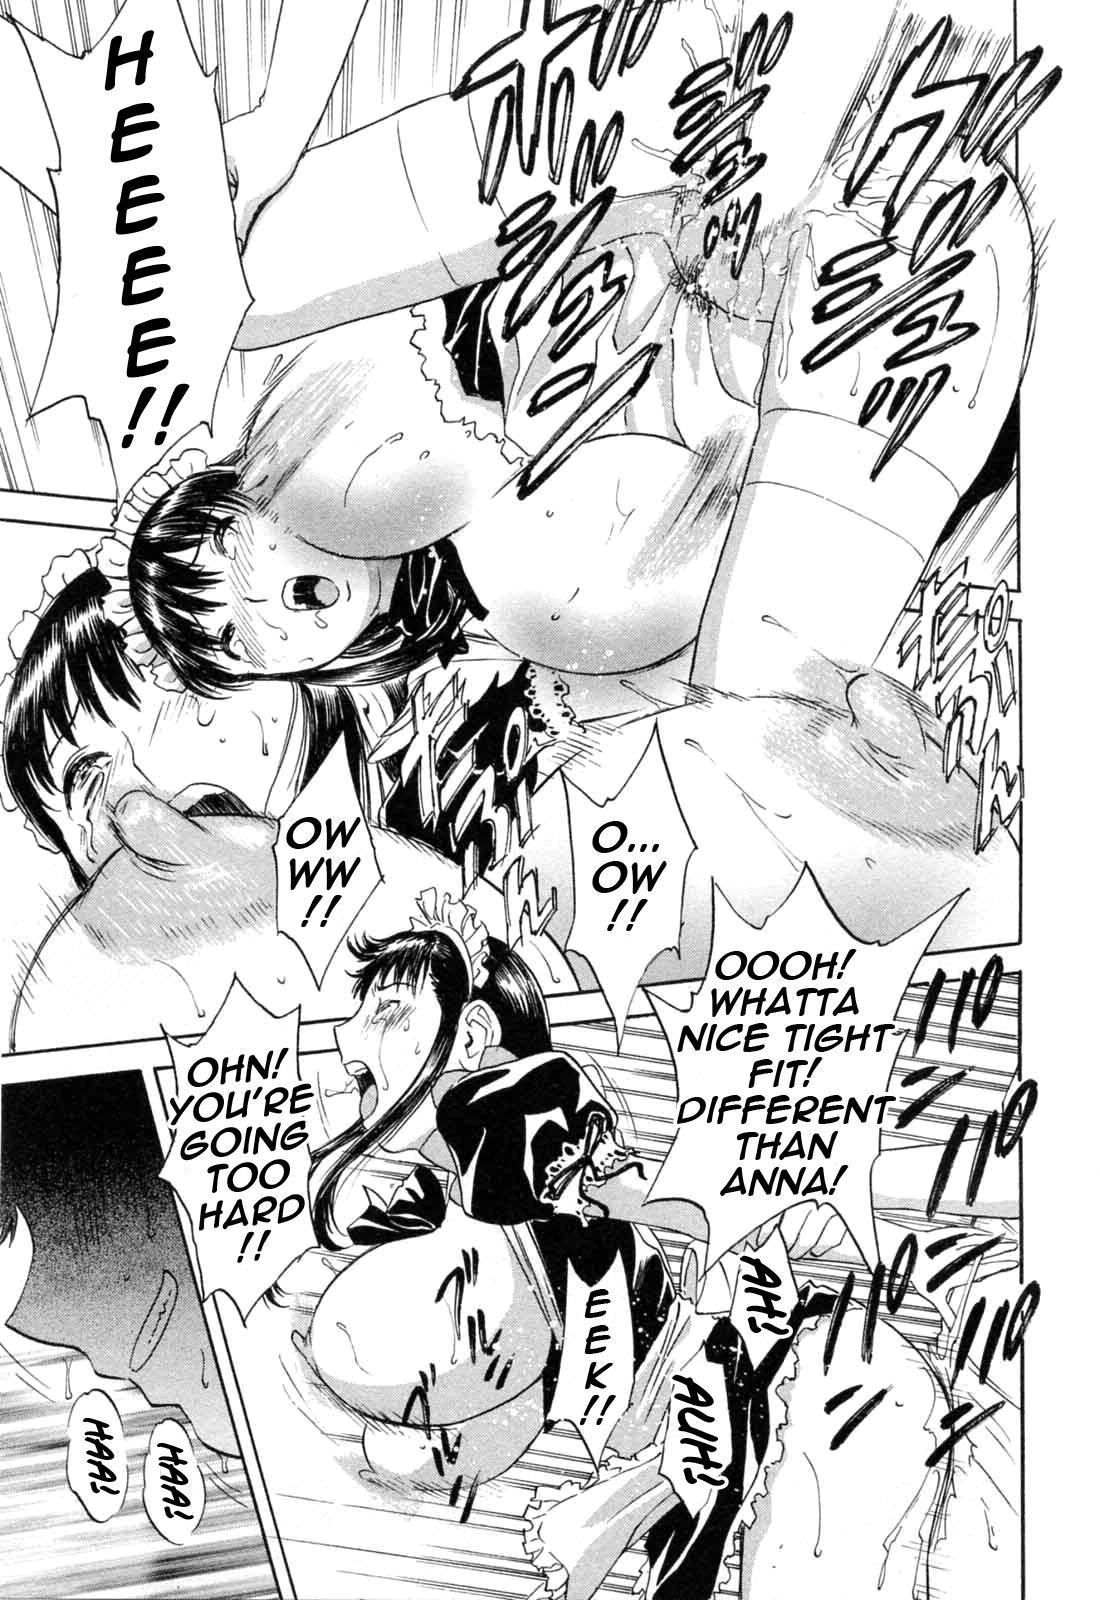 [Hidemaru] Mo-Retsu! Boin Sensei (Boing Boing Teacher) Vol.5 [English] [4dawgz] [Tadanohito] 84